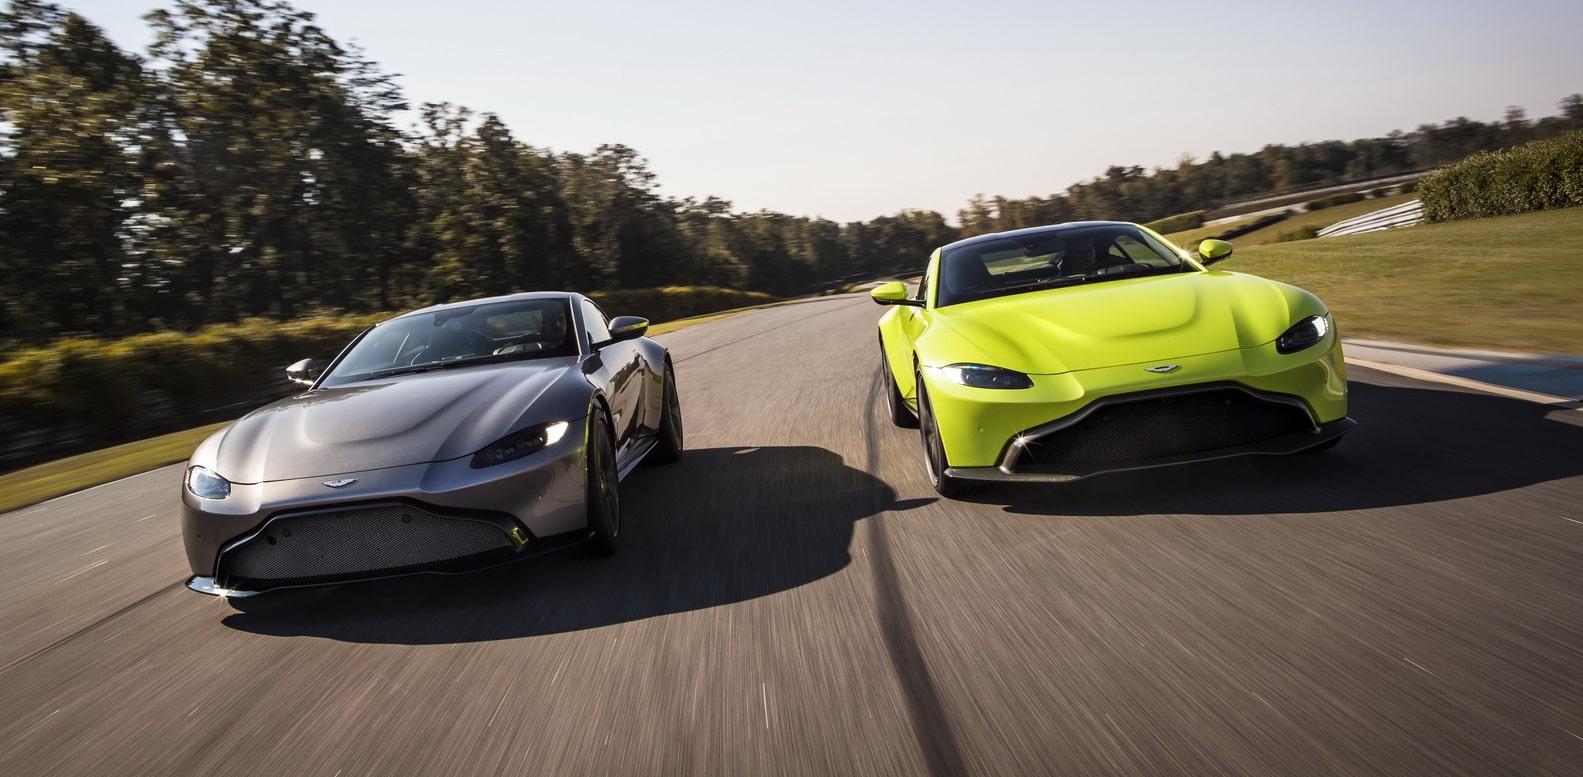 Aston Martin arrasa con el nuevo Vantage: ¡Toda la producción del 2018 casi vendida!